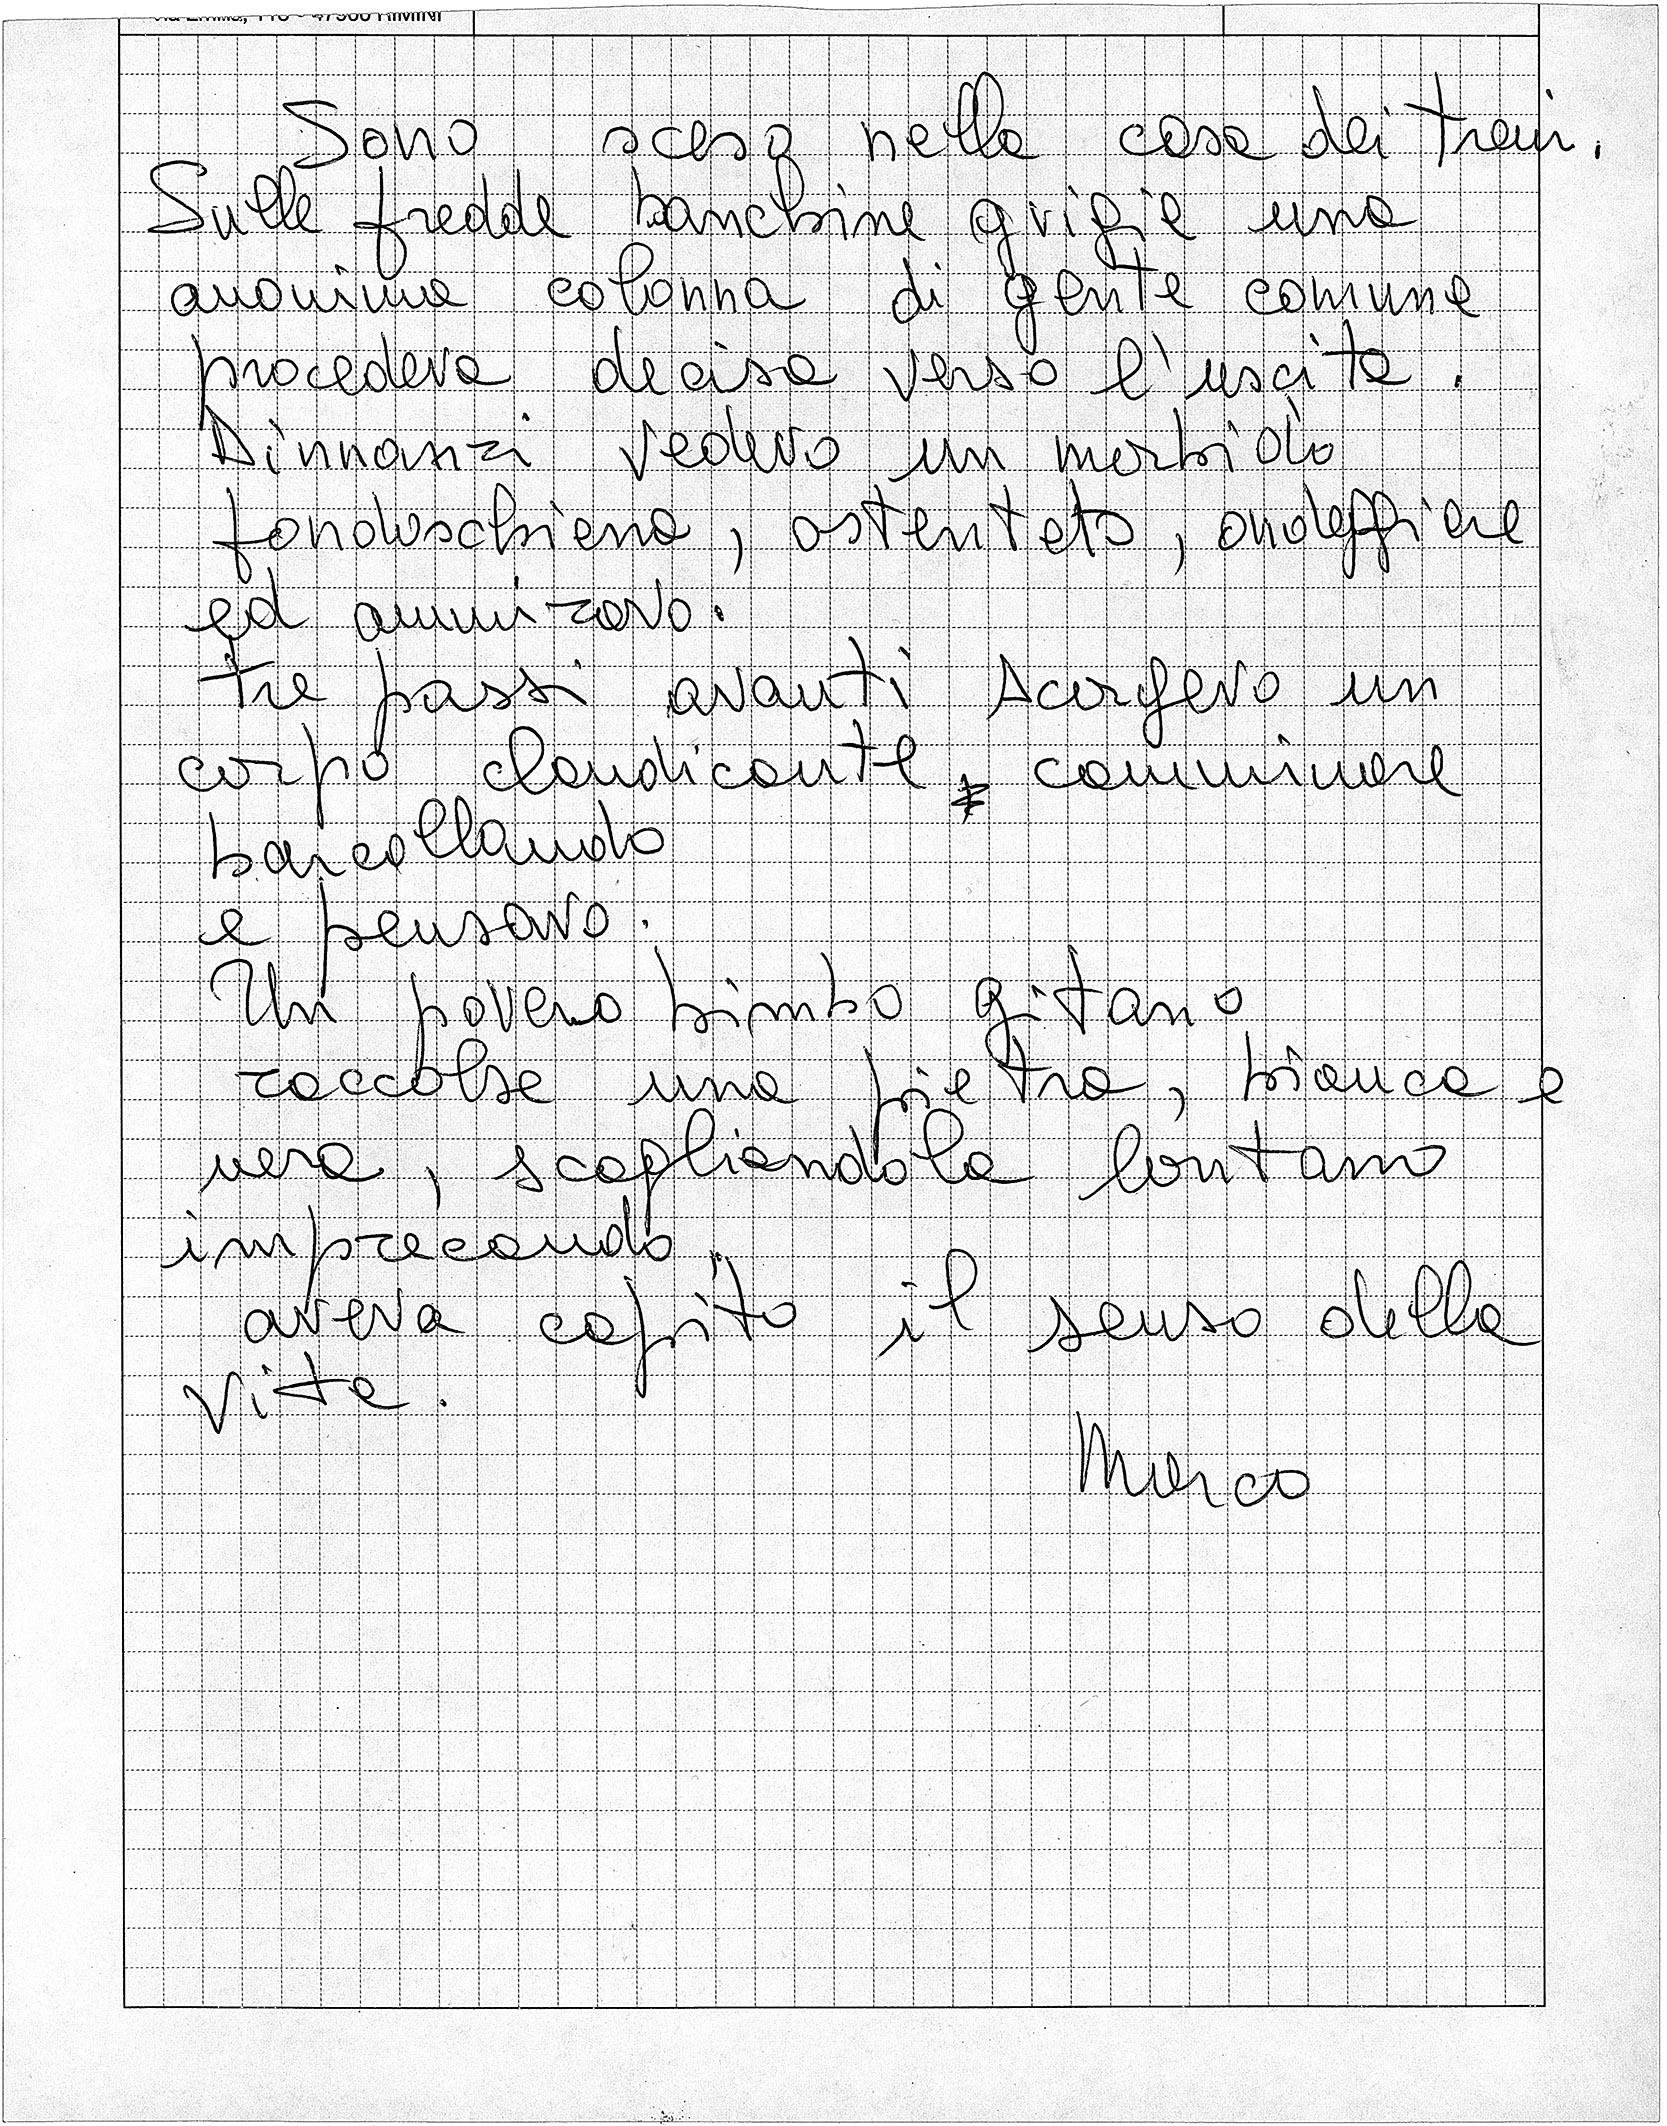 """""""Sono sceso"""", Marco Pesaresi: poesia autografa (Archivio fotografico comunale di Savignano sul Rubicone)."""